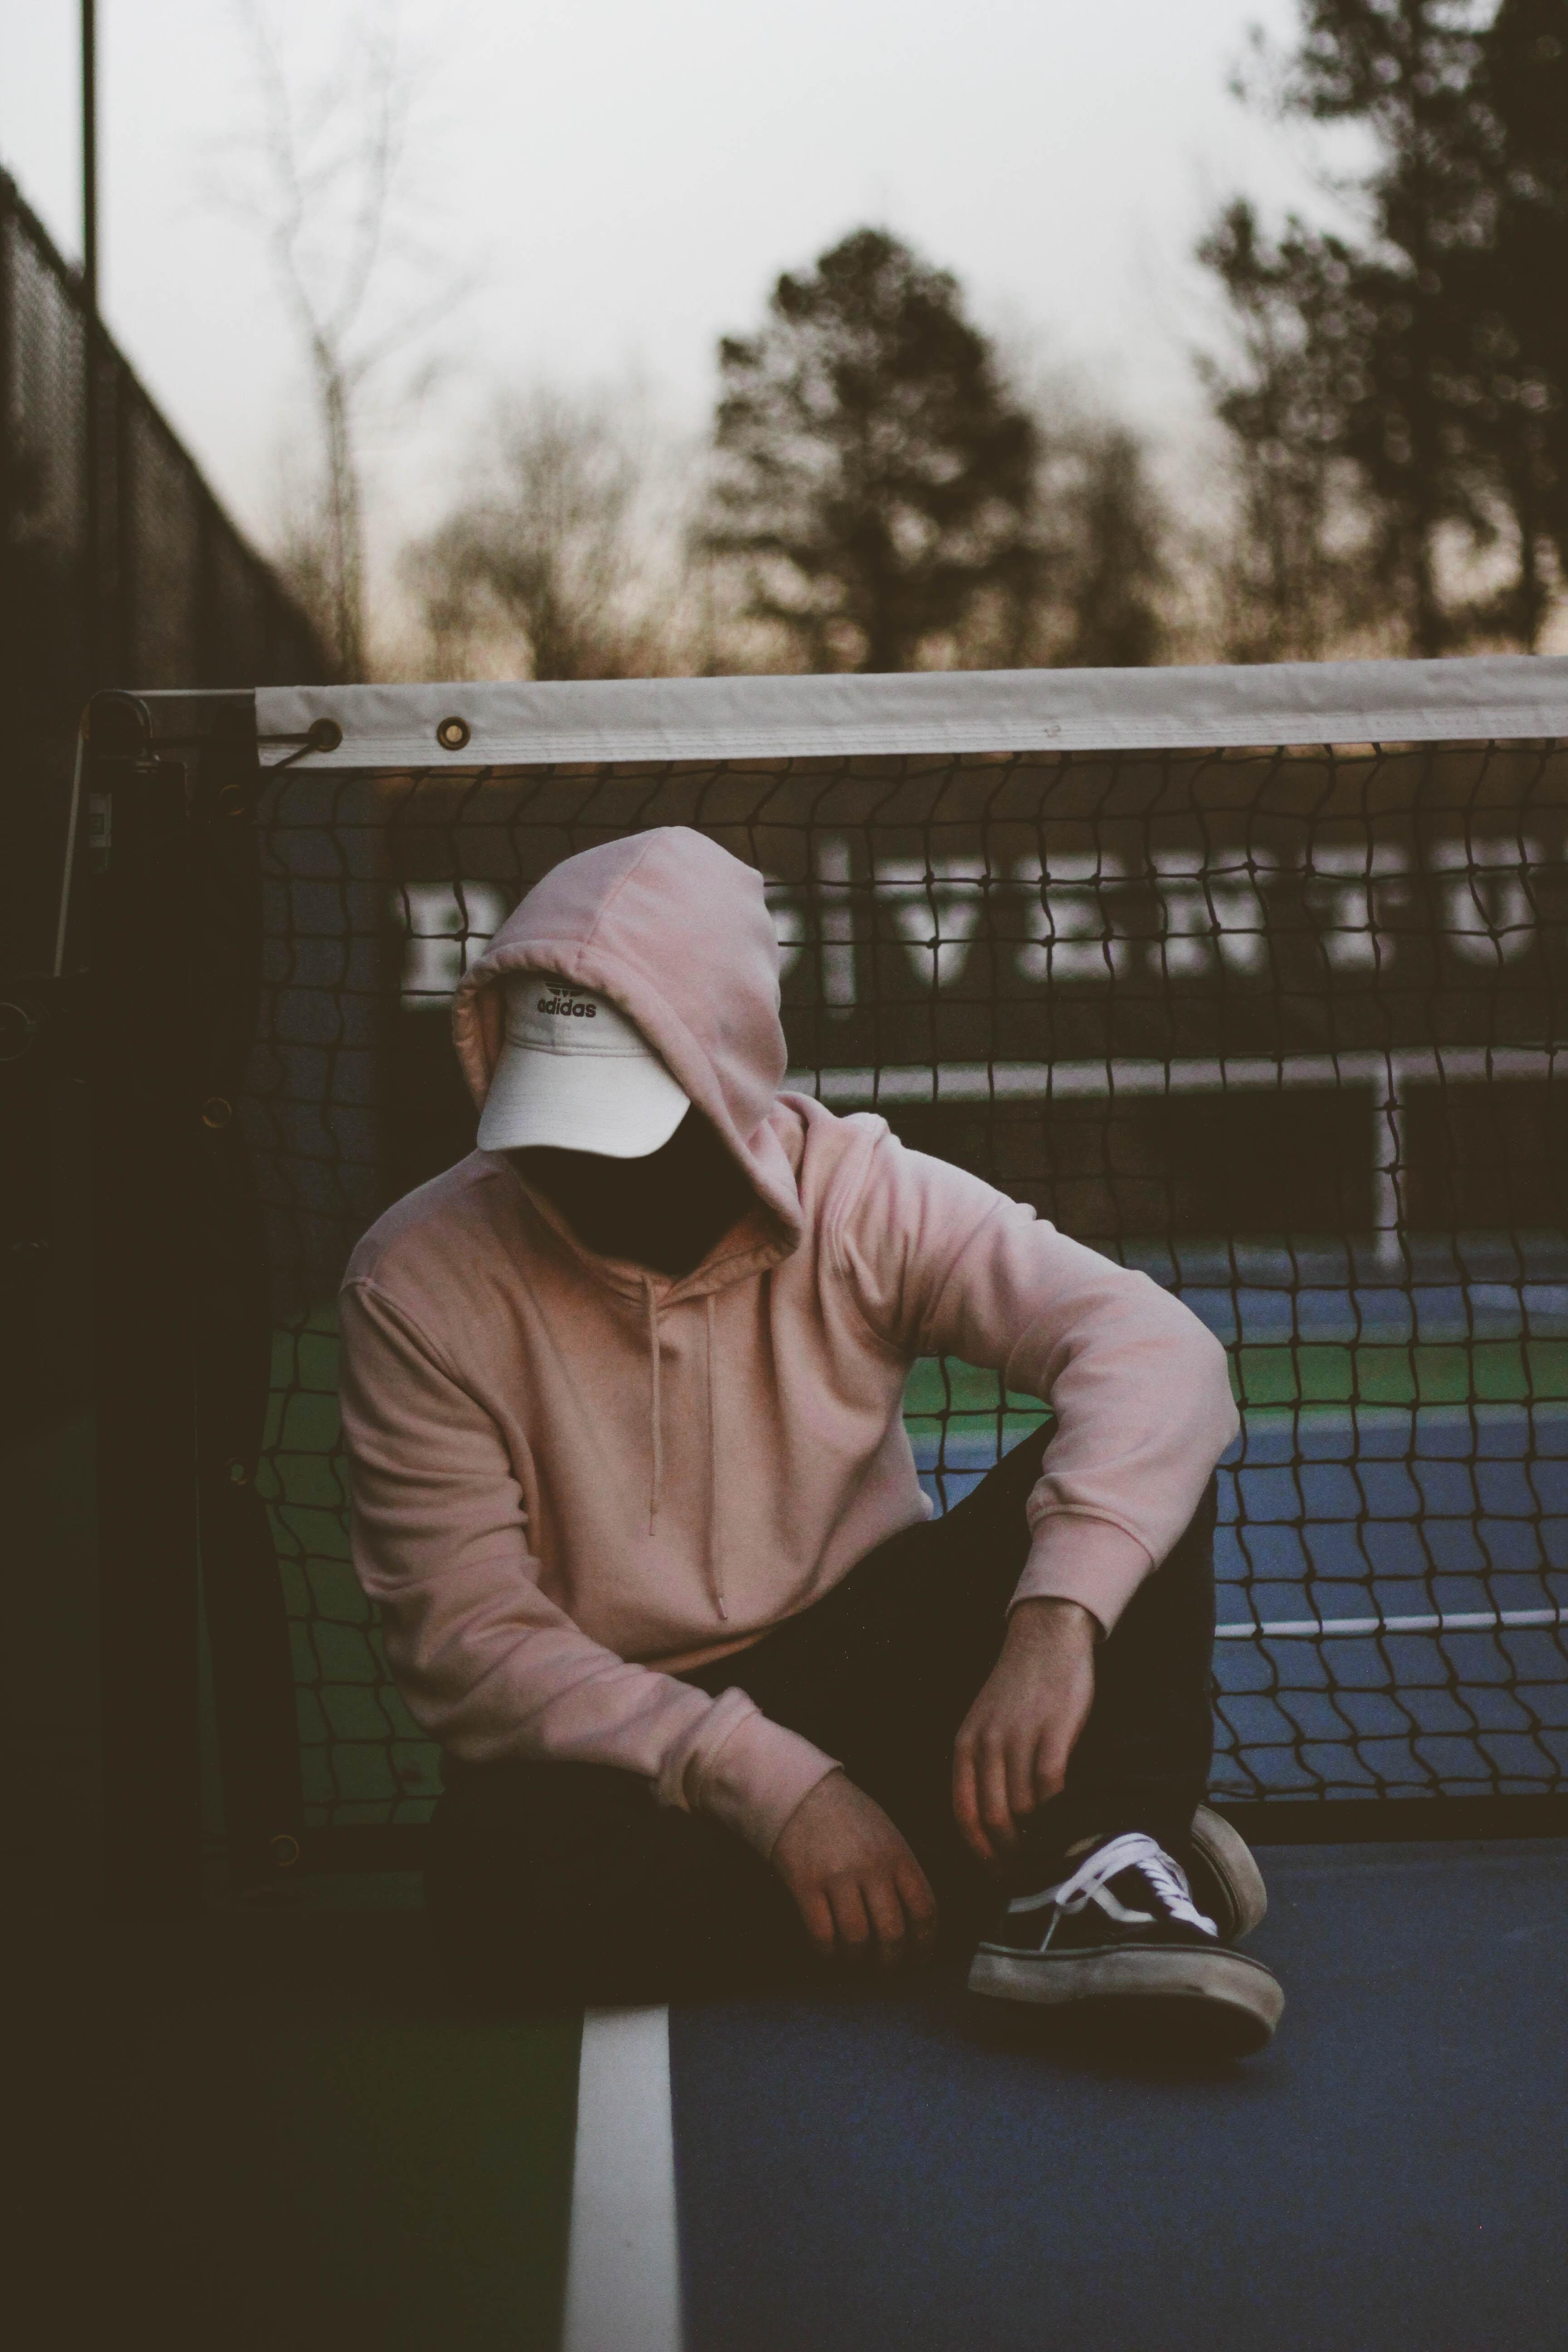 man wearing brown hoodie sitting near tennis net